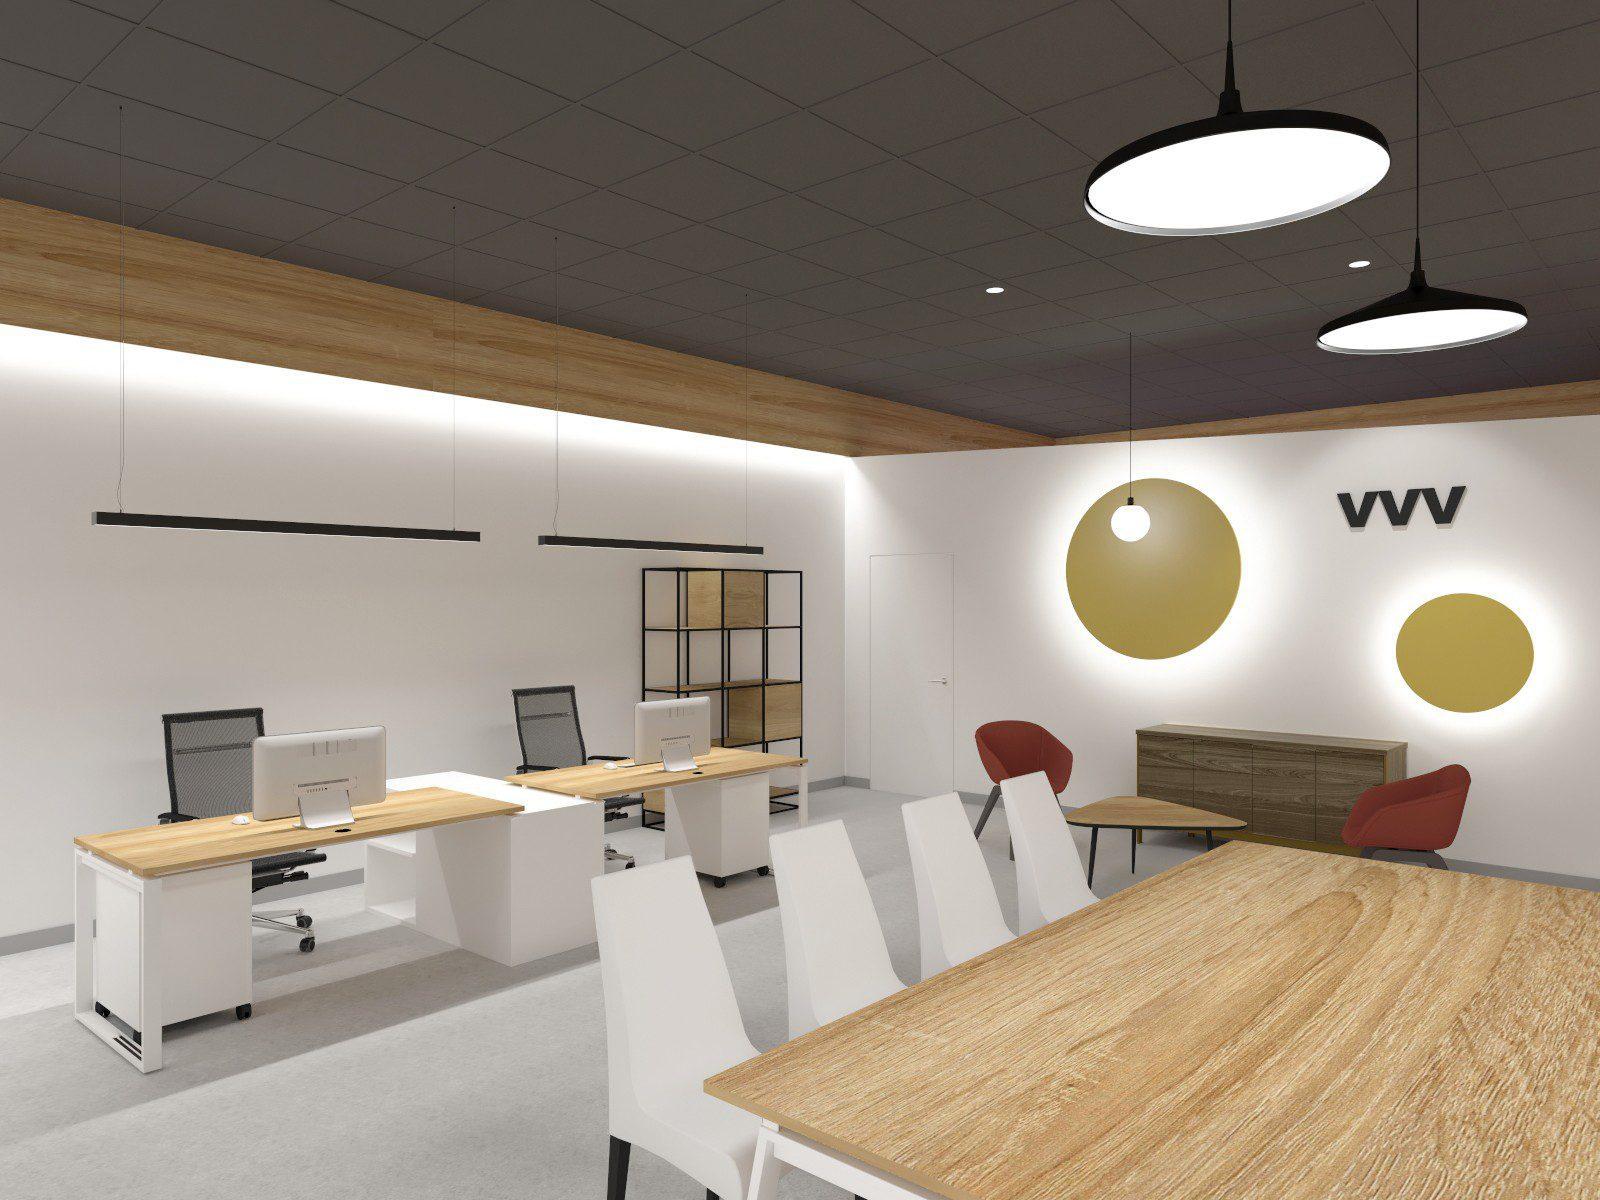 дизайн интерьера офиса калининград